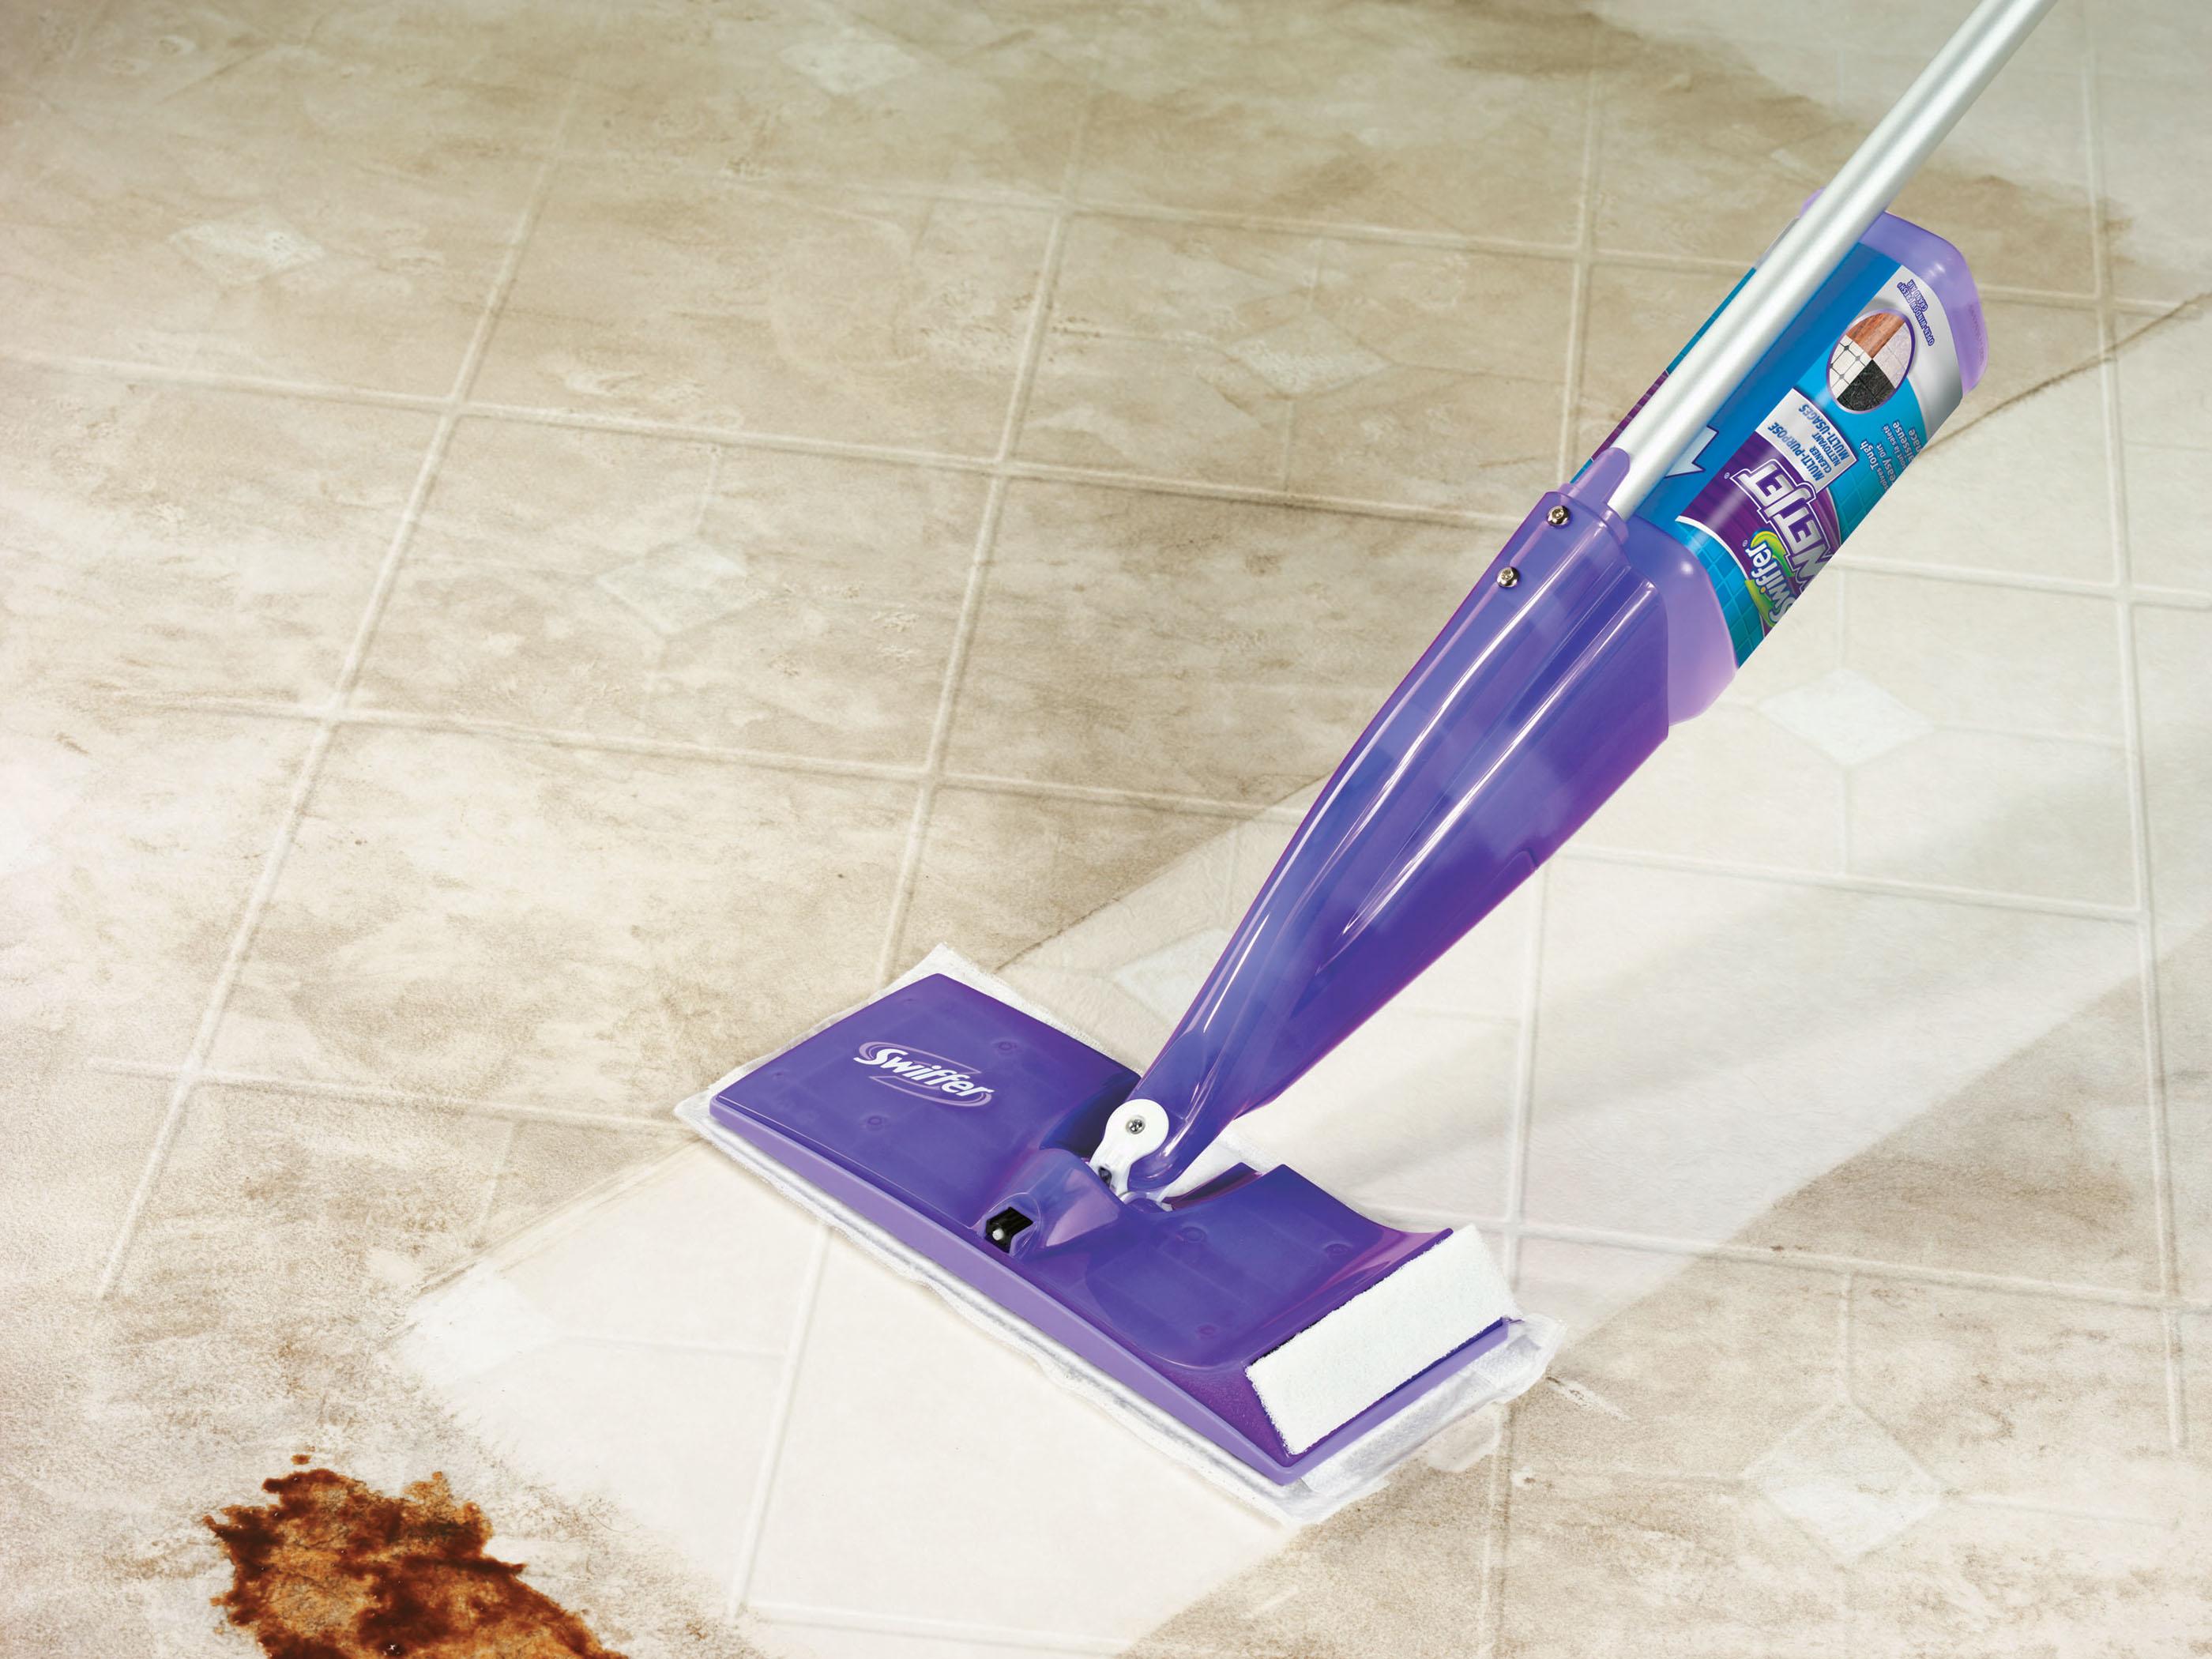 benley mop aufsätze